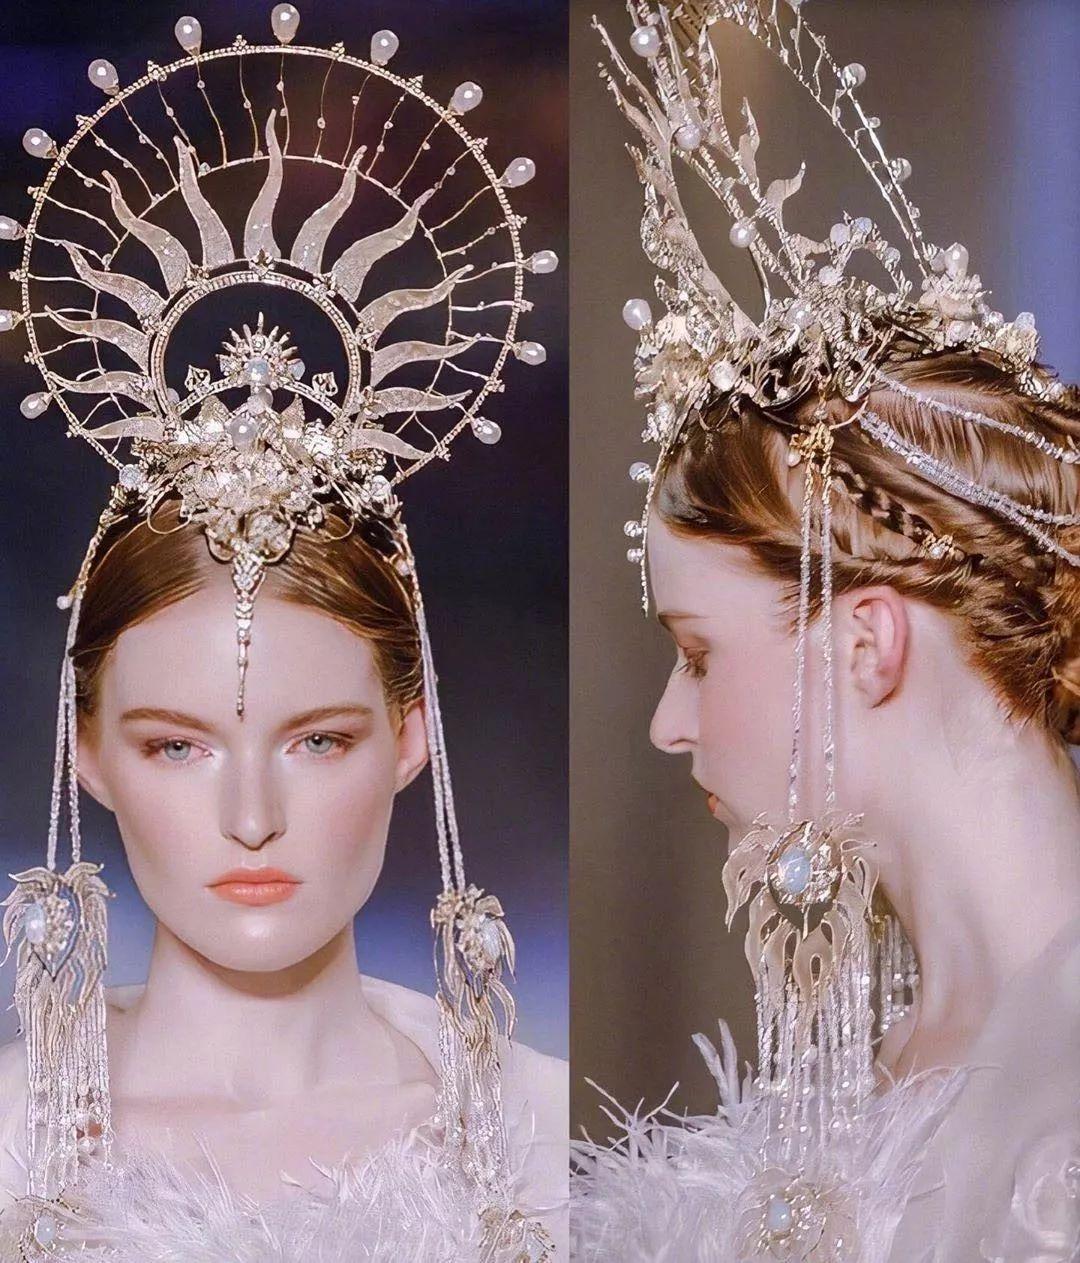 穿在身上的灿烂文化瑰宝:模特穿着敦煌壁画元素的高定时装